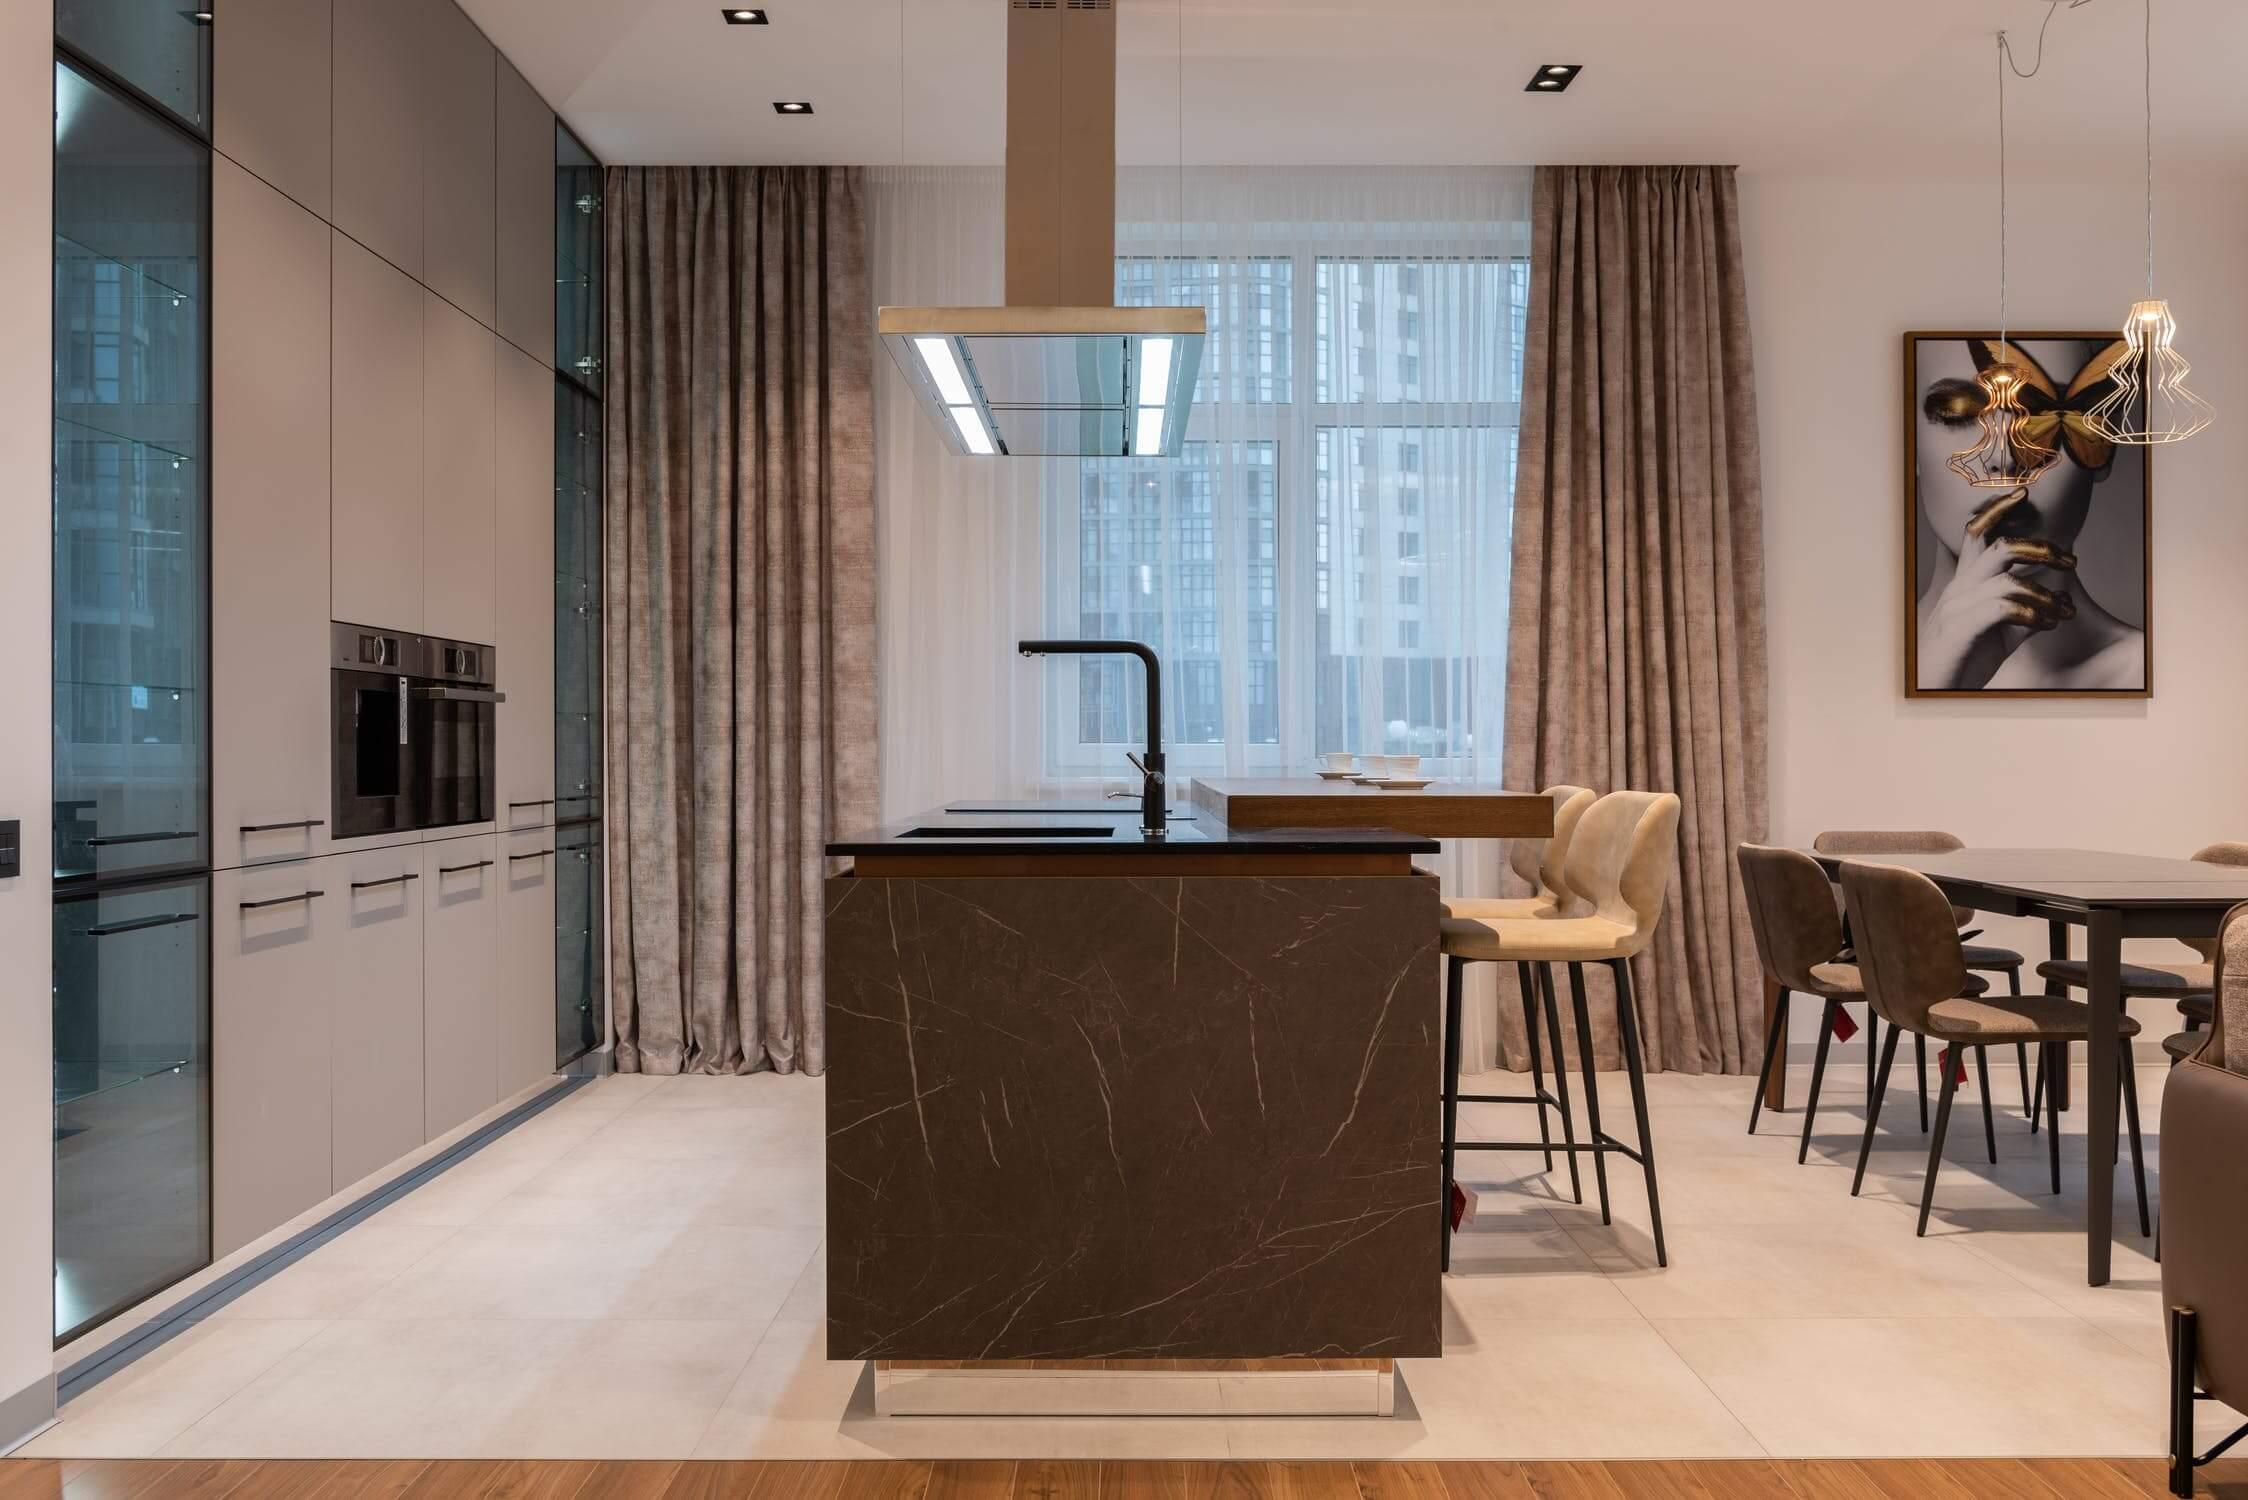 keuken grijs modern keukeneiland marmer motief zwart